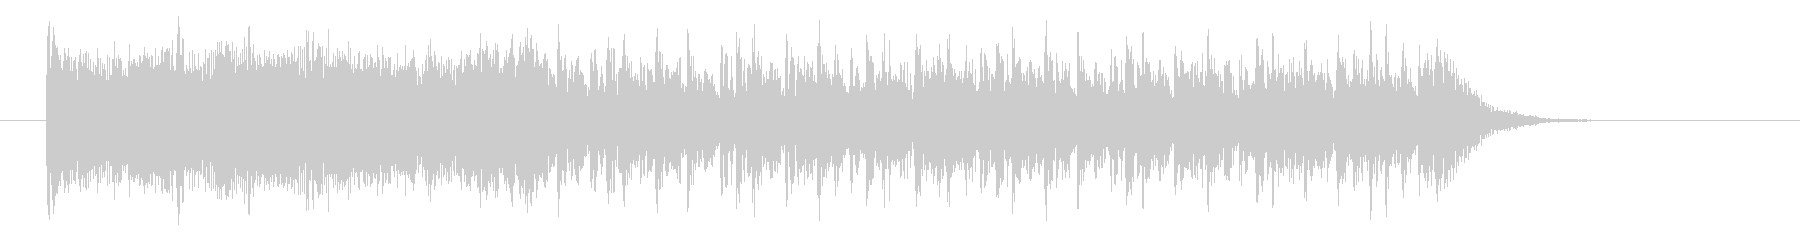 疾走感のあるデジタル系サウンドの未再生の波形